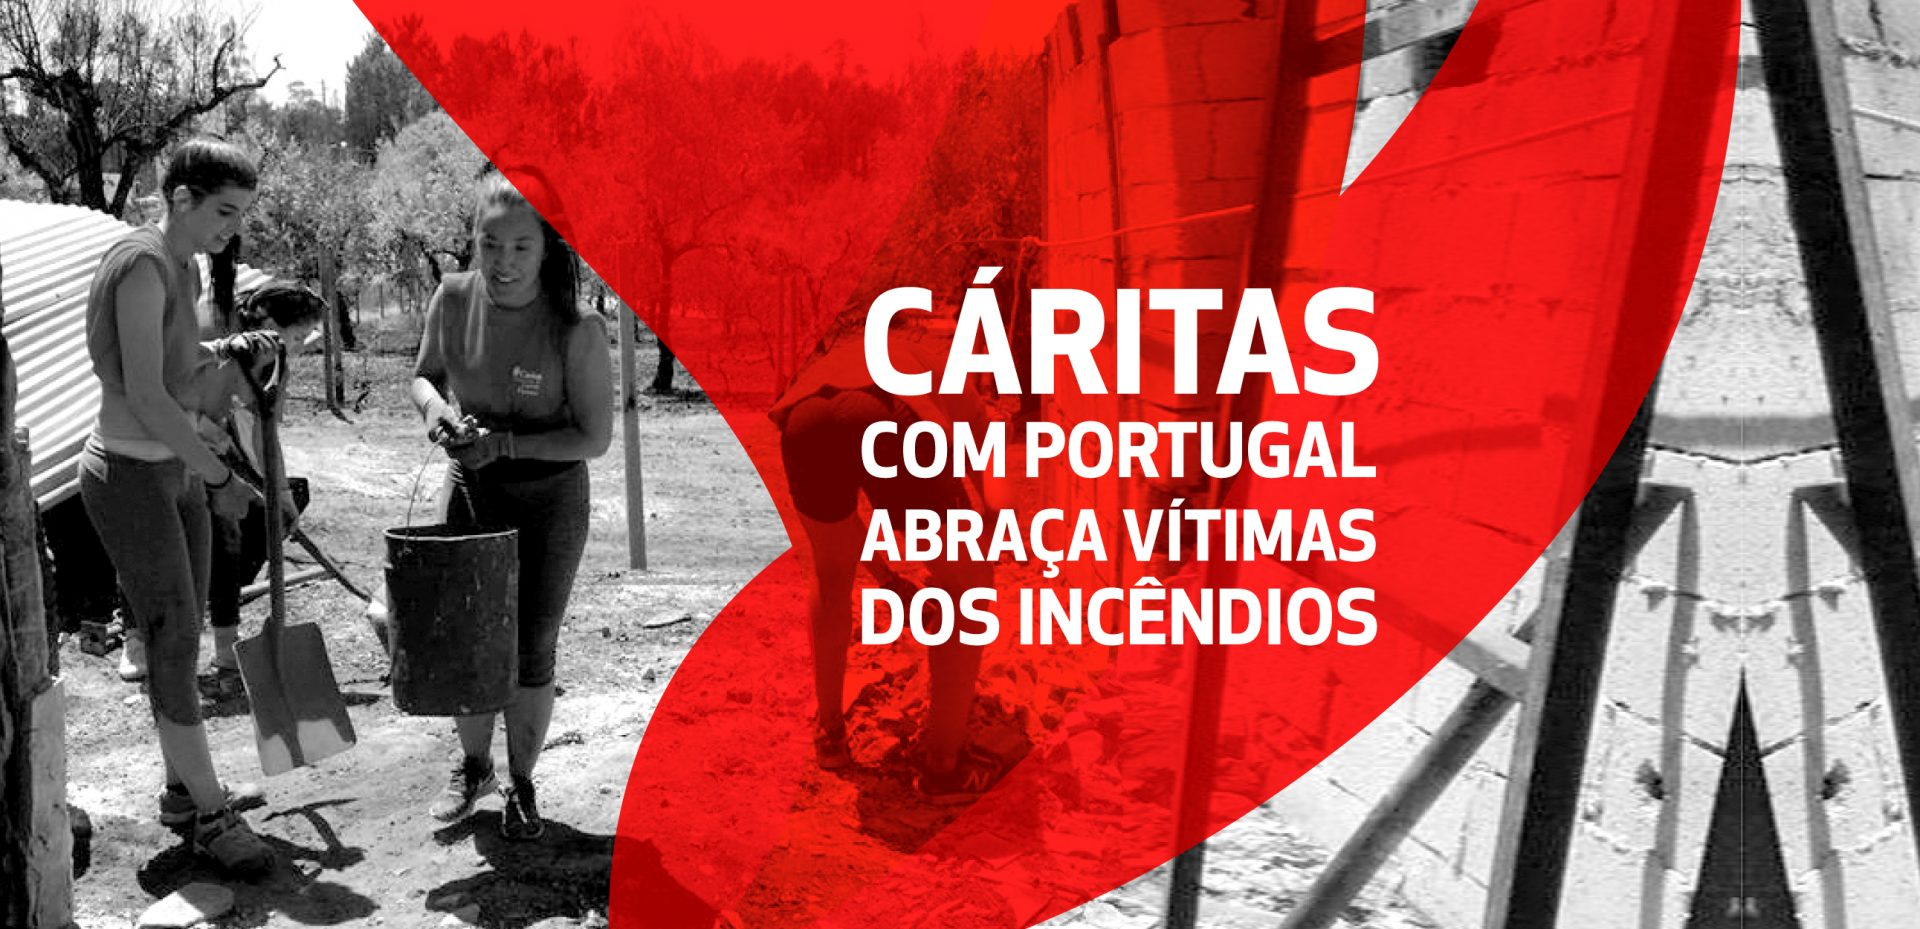 Cáritas com Portugal apoia vítimas dos incêndios